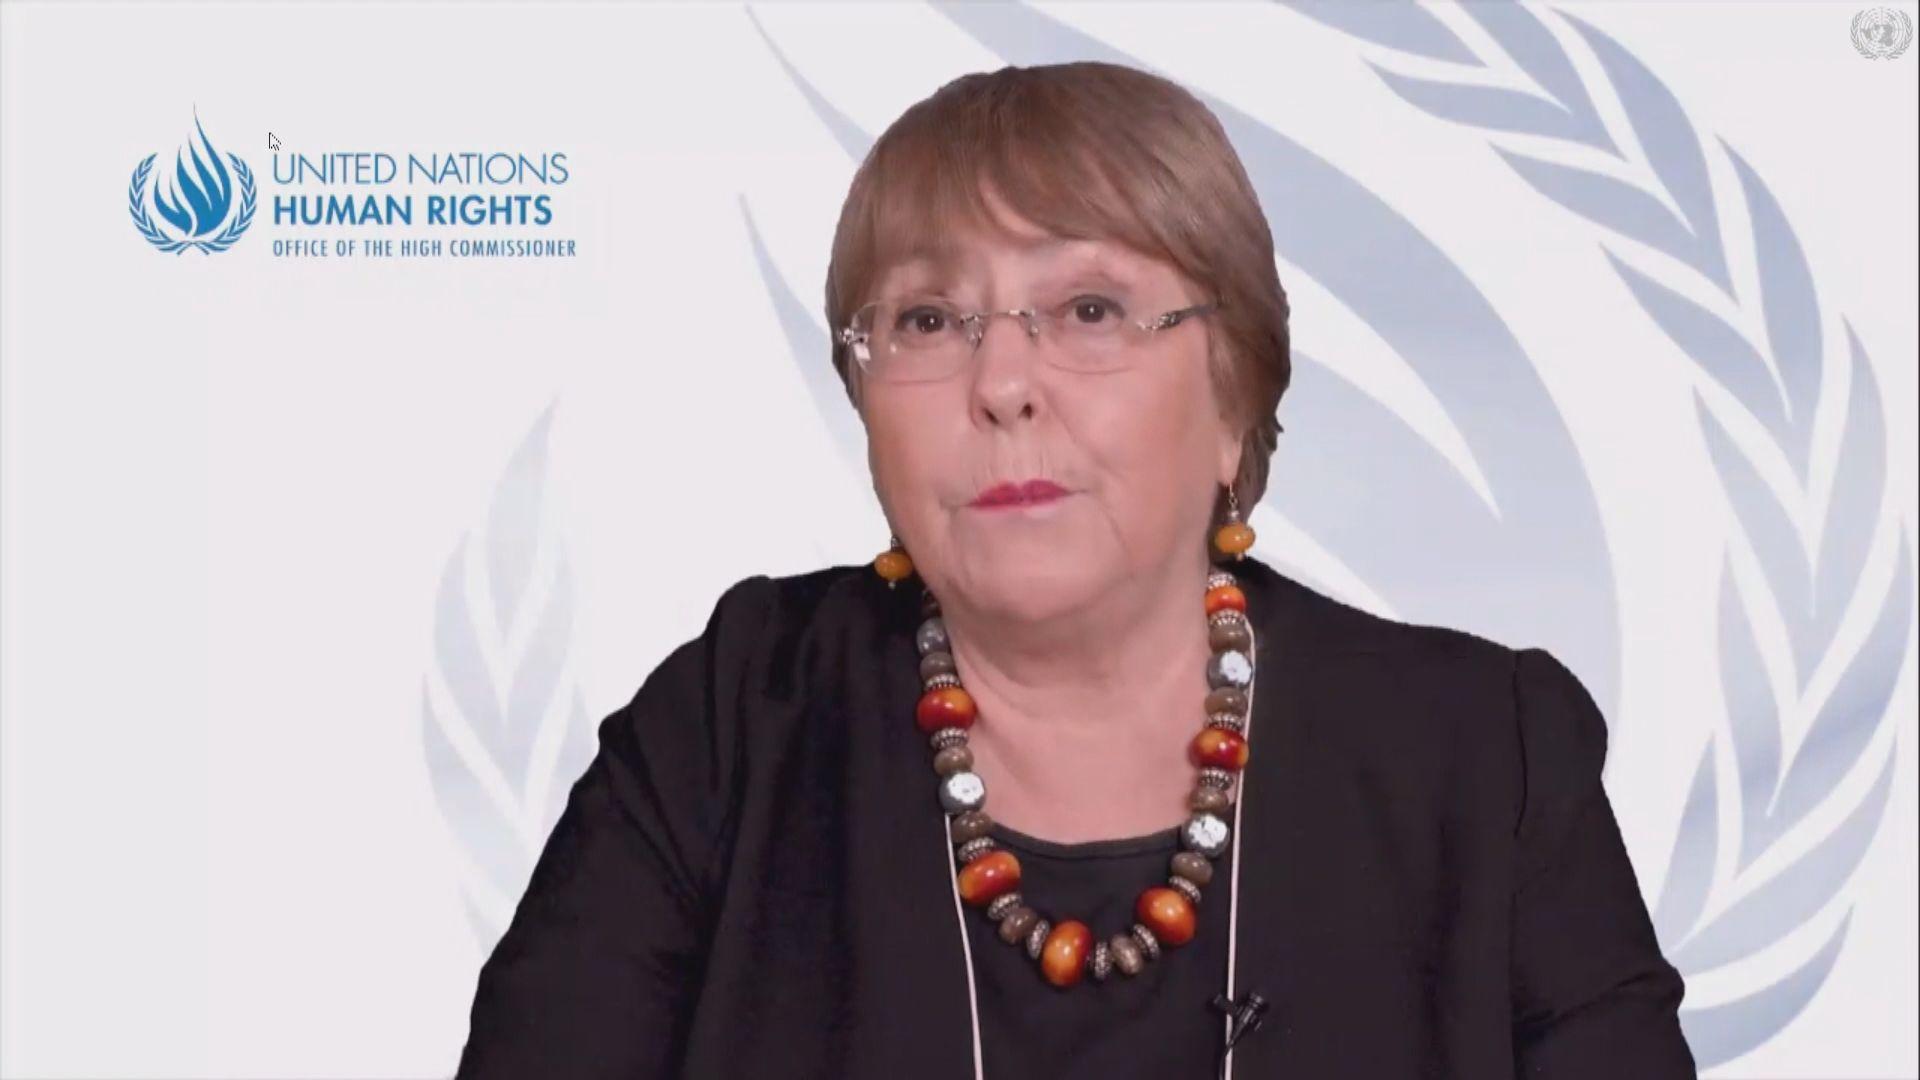 百事娱乐:聯合國人權事務高級專員關注中國人權